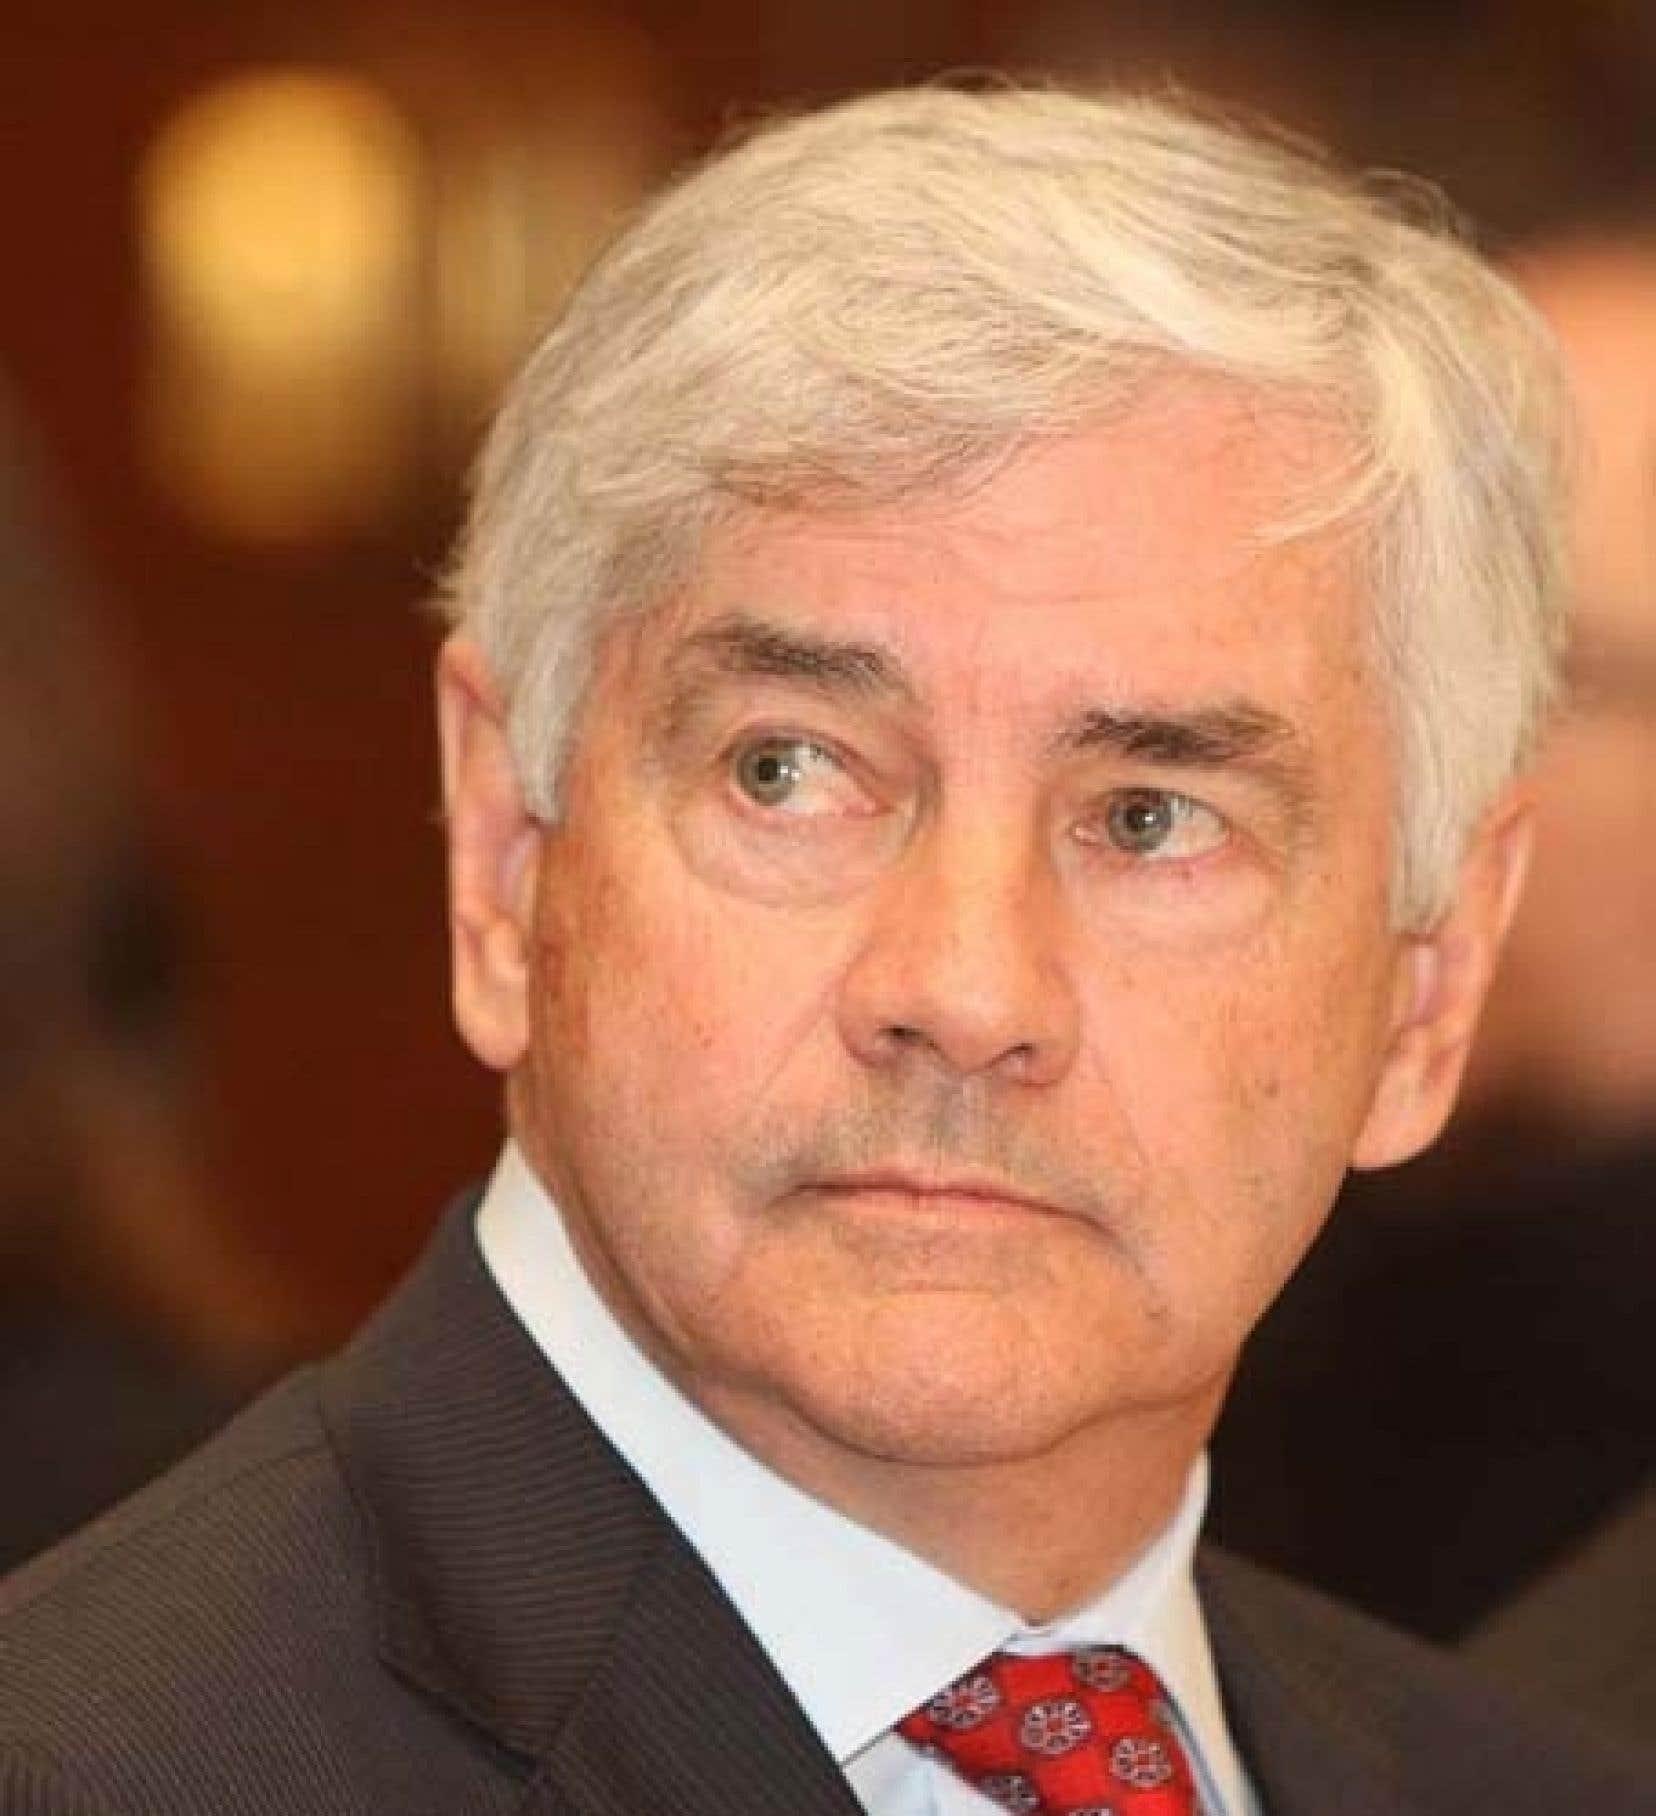 Le ministre des Affaires étrangères, Lawrence Cannon, rejette les principales recommandations qui touchent la composition du conseil.